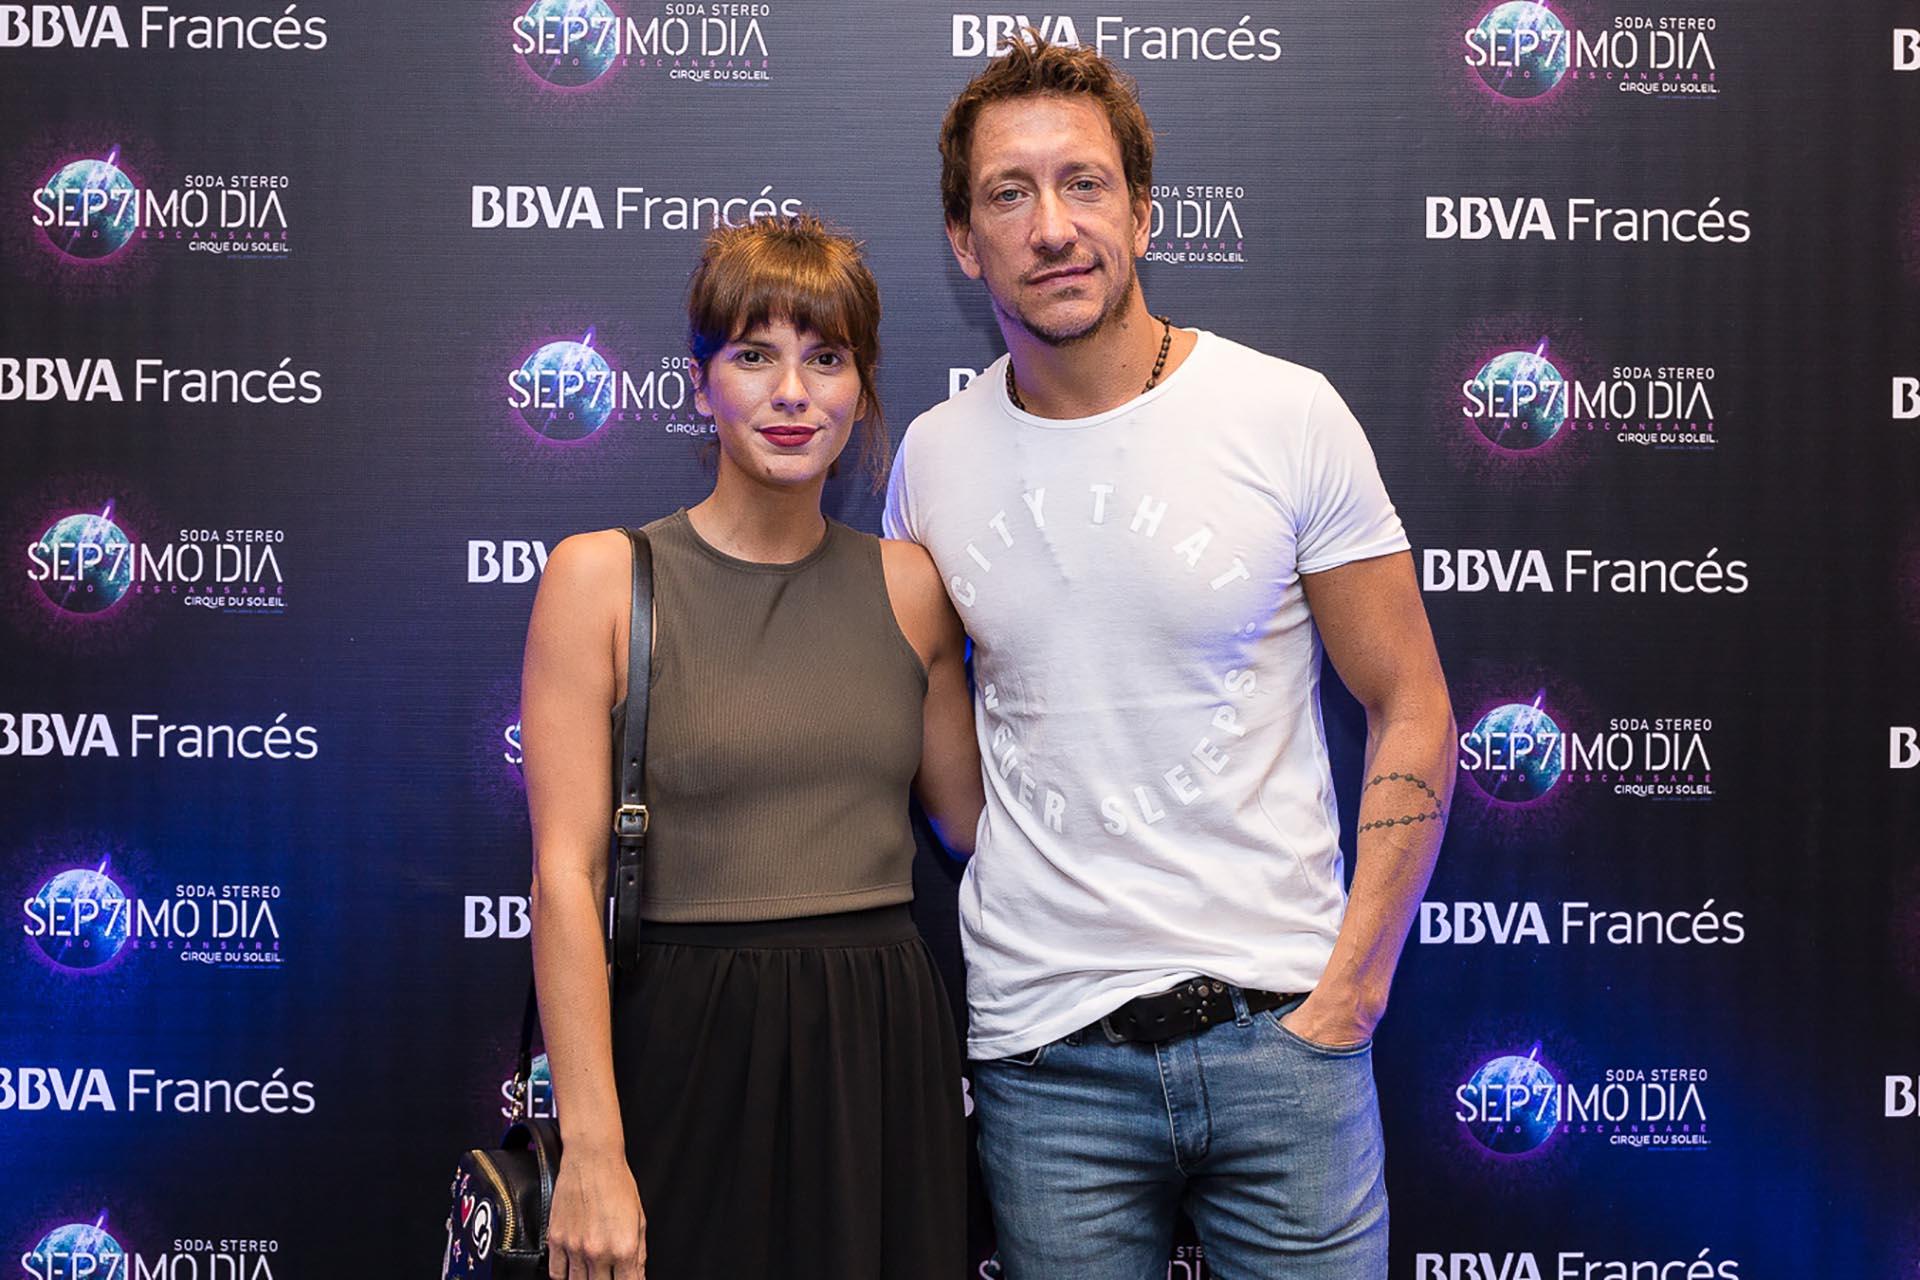 """Gimena Accardi y Nicolás Vázquez eligieron """"Sép7imo Día"""" para su primera salida en Buenos Aires, después de la temporada teatral de verano en la que brillaron en """"El otro lado de la cama"""""""